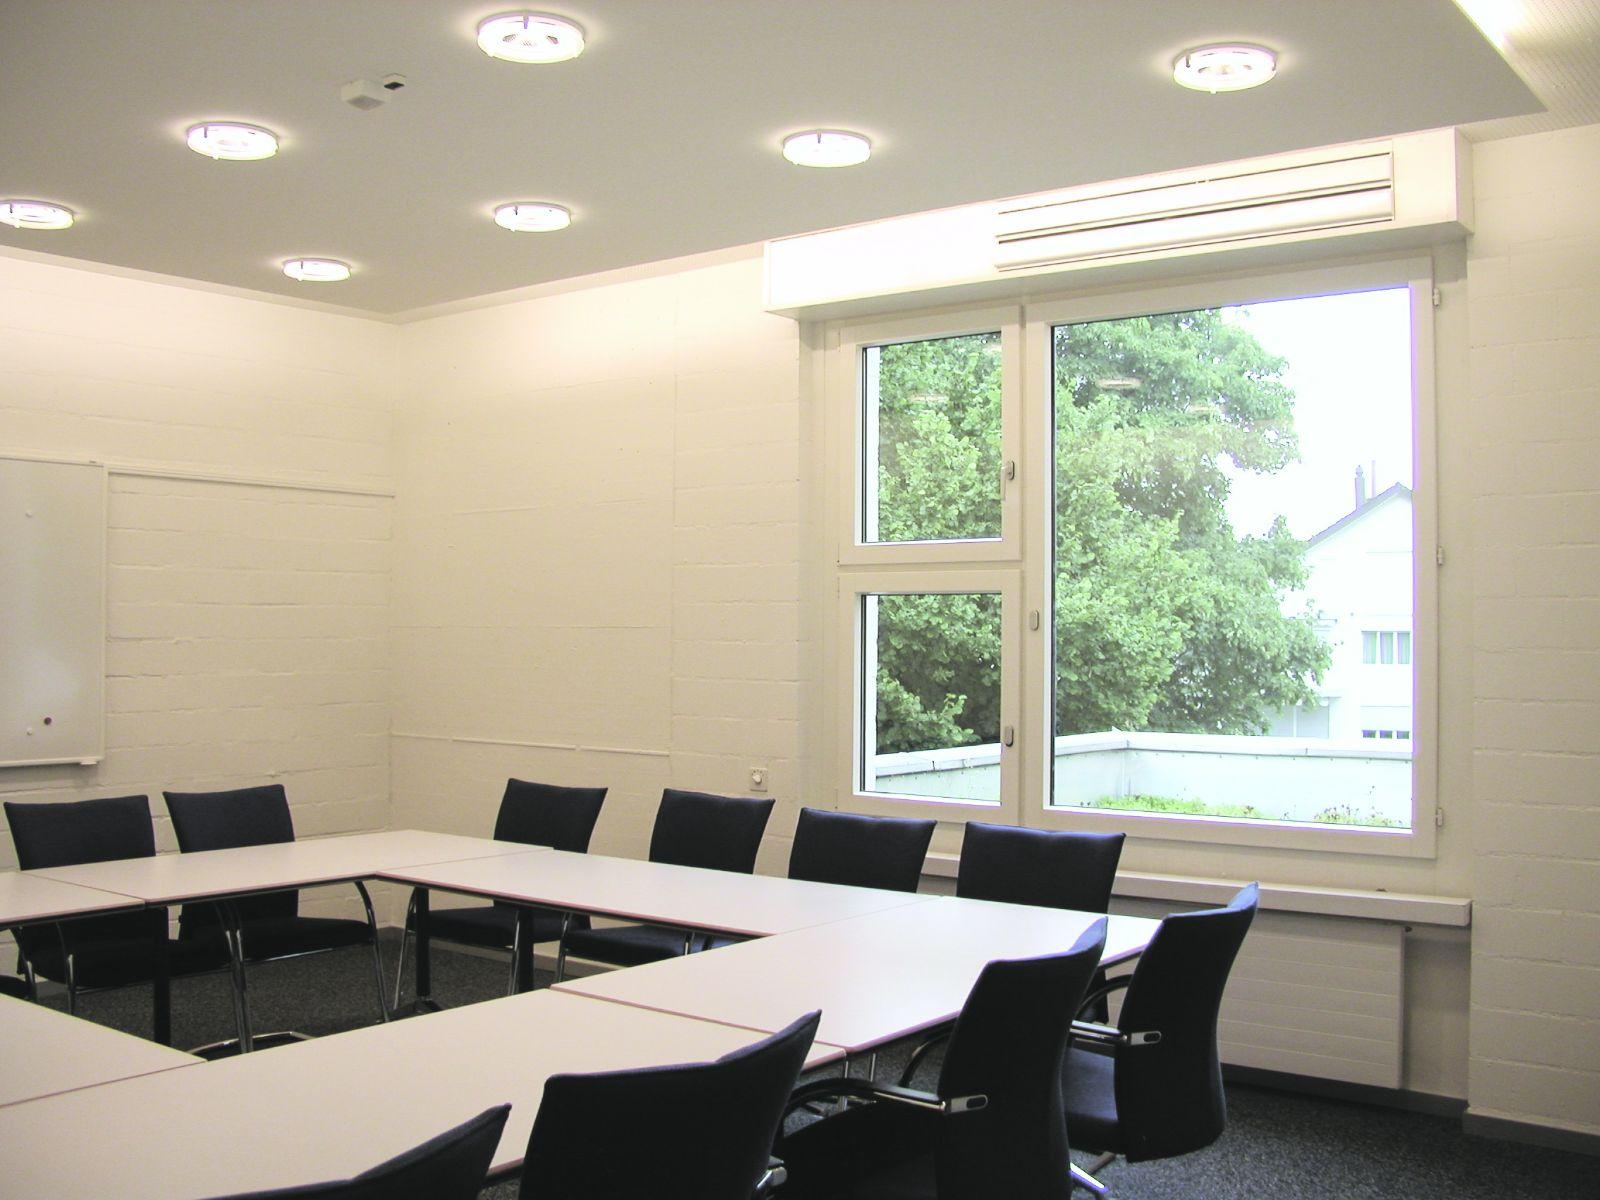 Sanierung und Umbau Schulhaus Lättenwiese, Opfikon-Glattbrugg ...